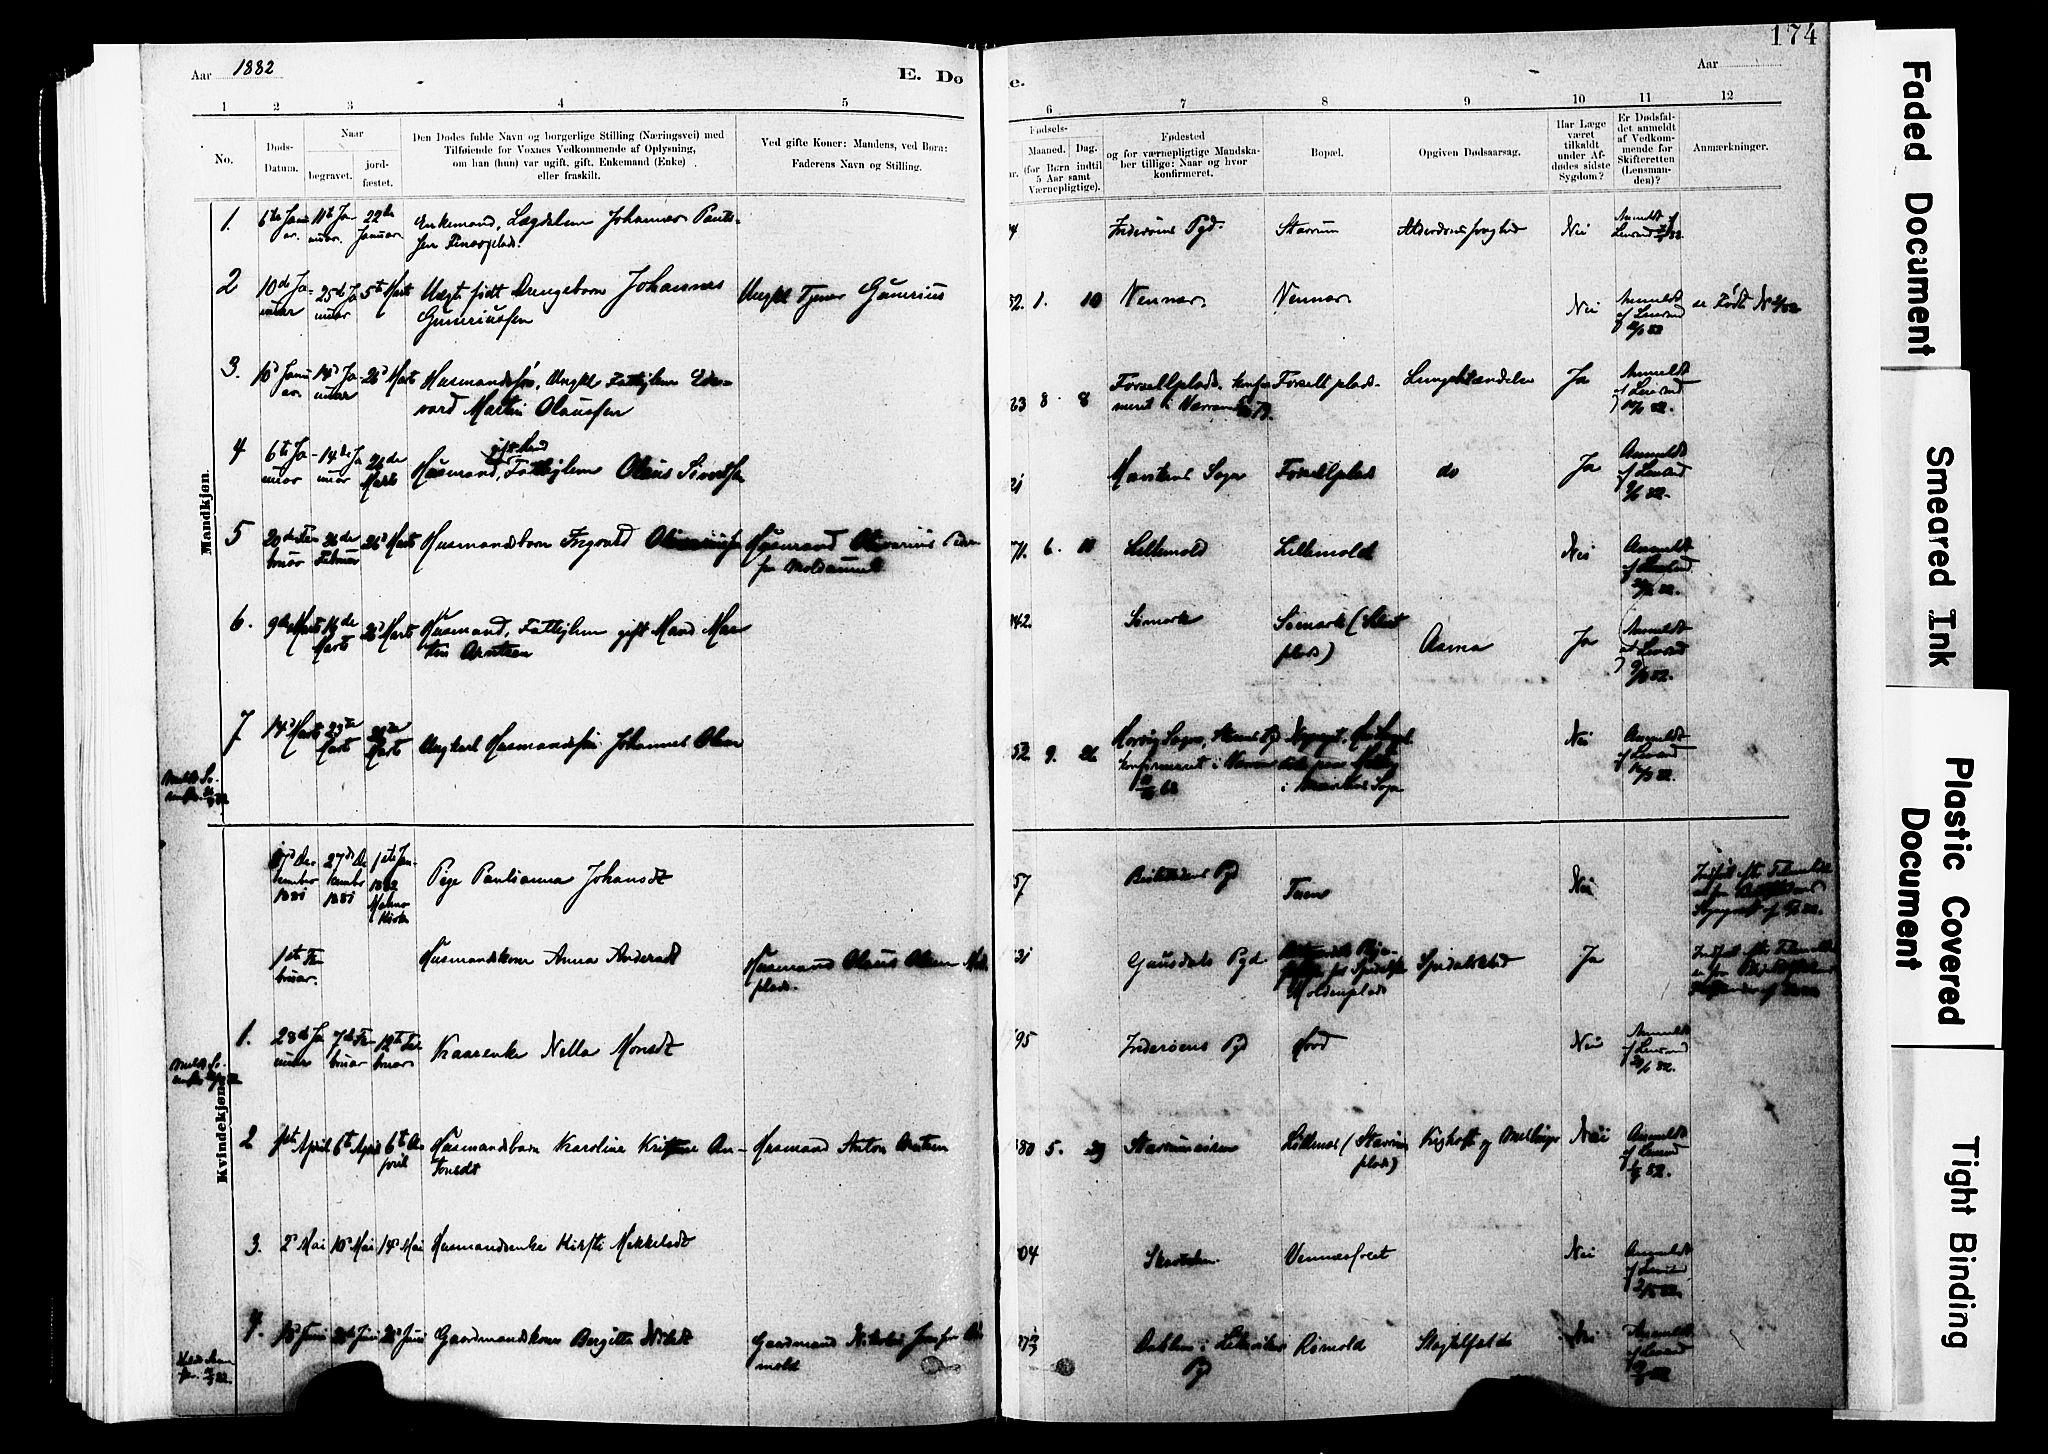 SAT, Ministerialprotokoller, klokkerbøker og fødselsregistre - Nord-Trøndelag, 744/L0420: Ministerialbok nr. 744A04, 1882-1904, s. 174